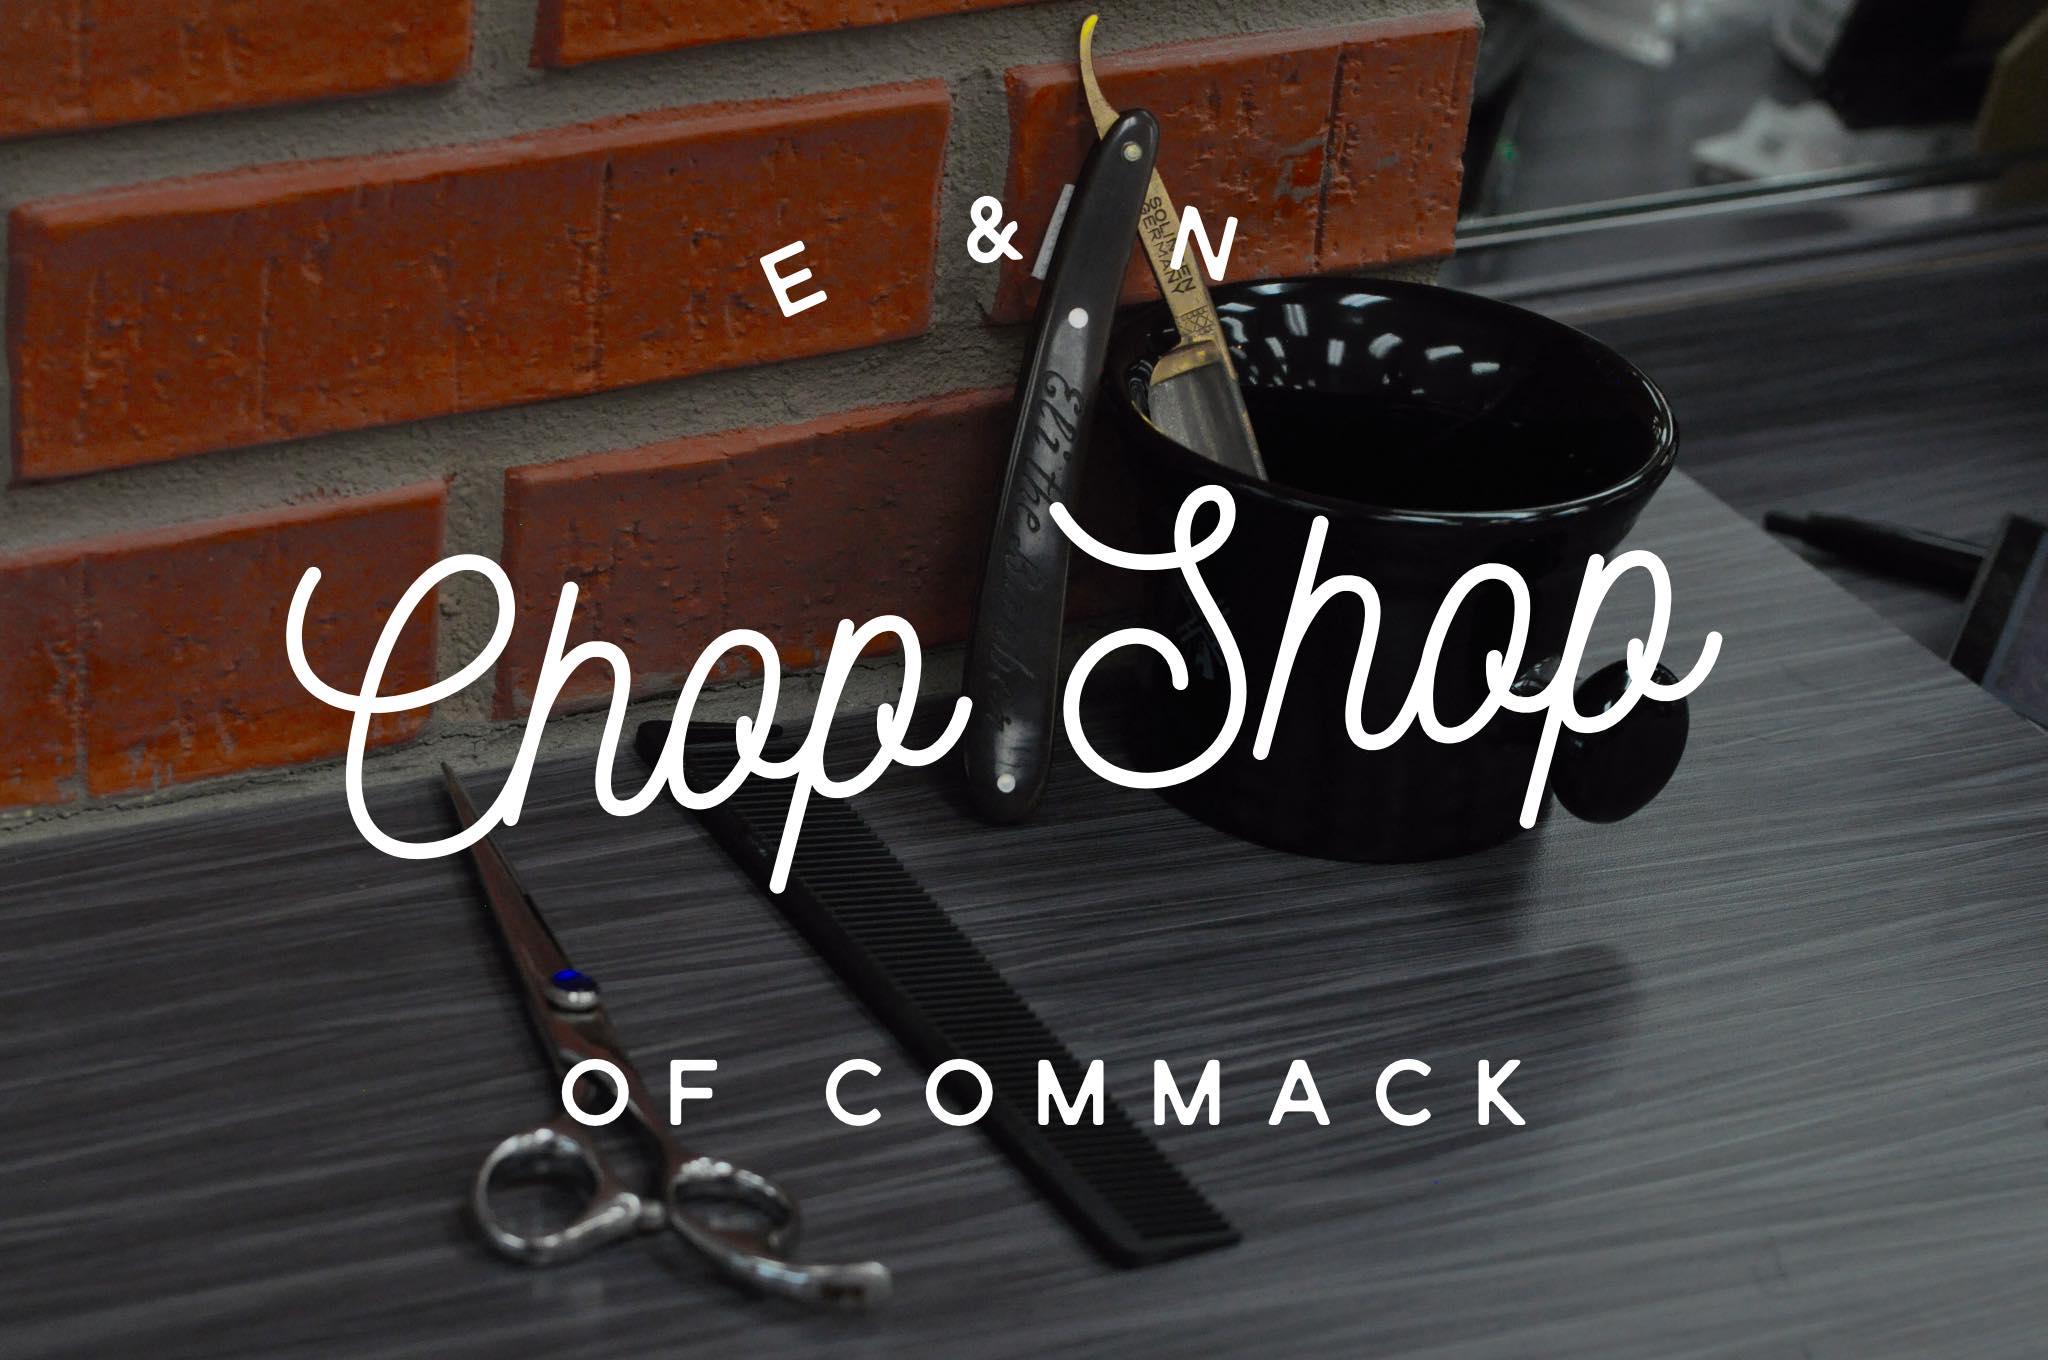 E & N Chop Shop